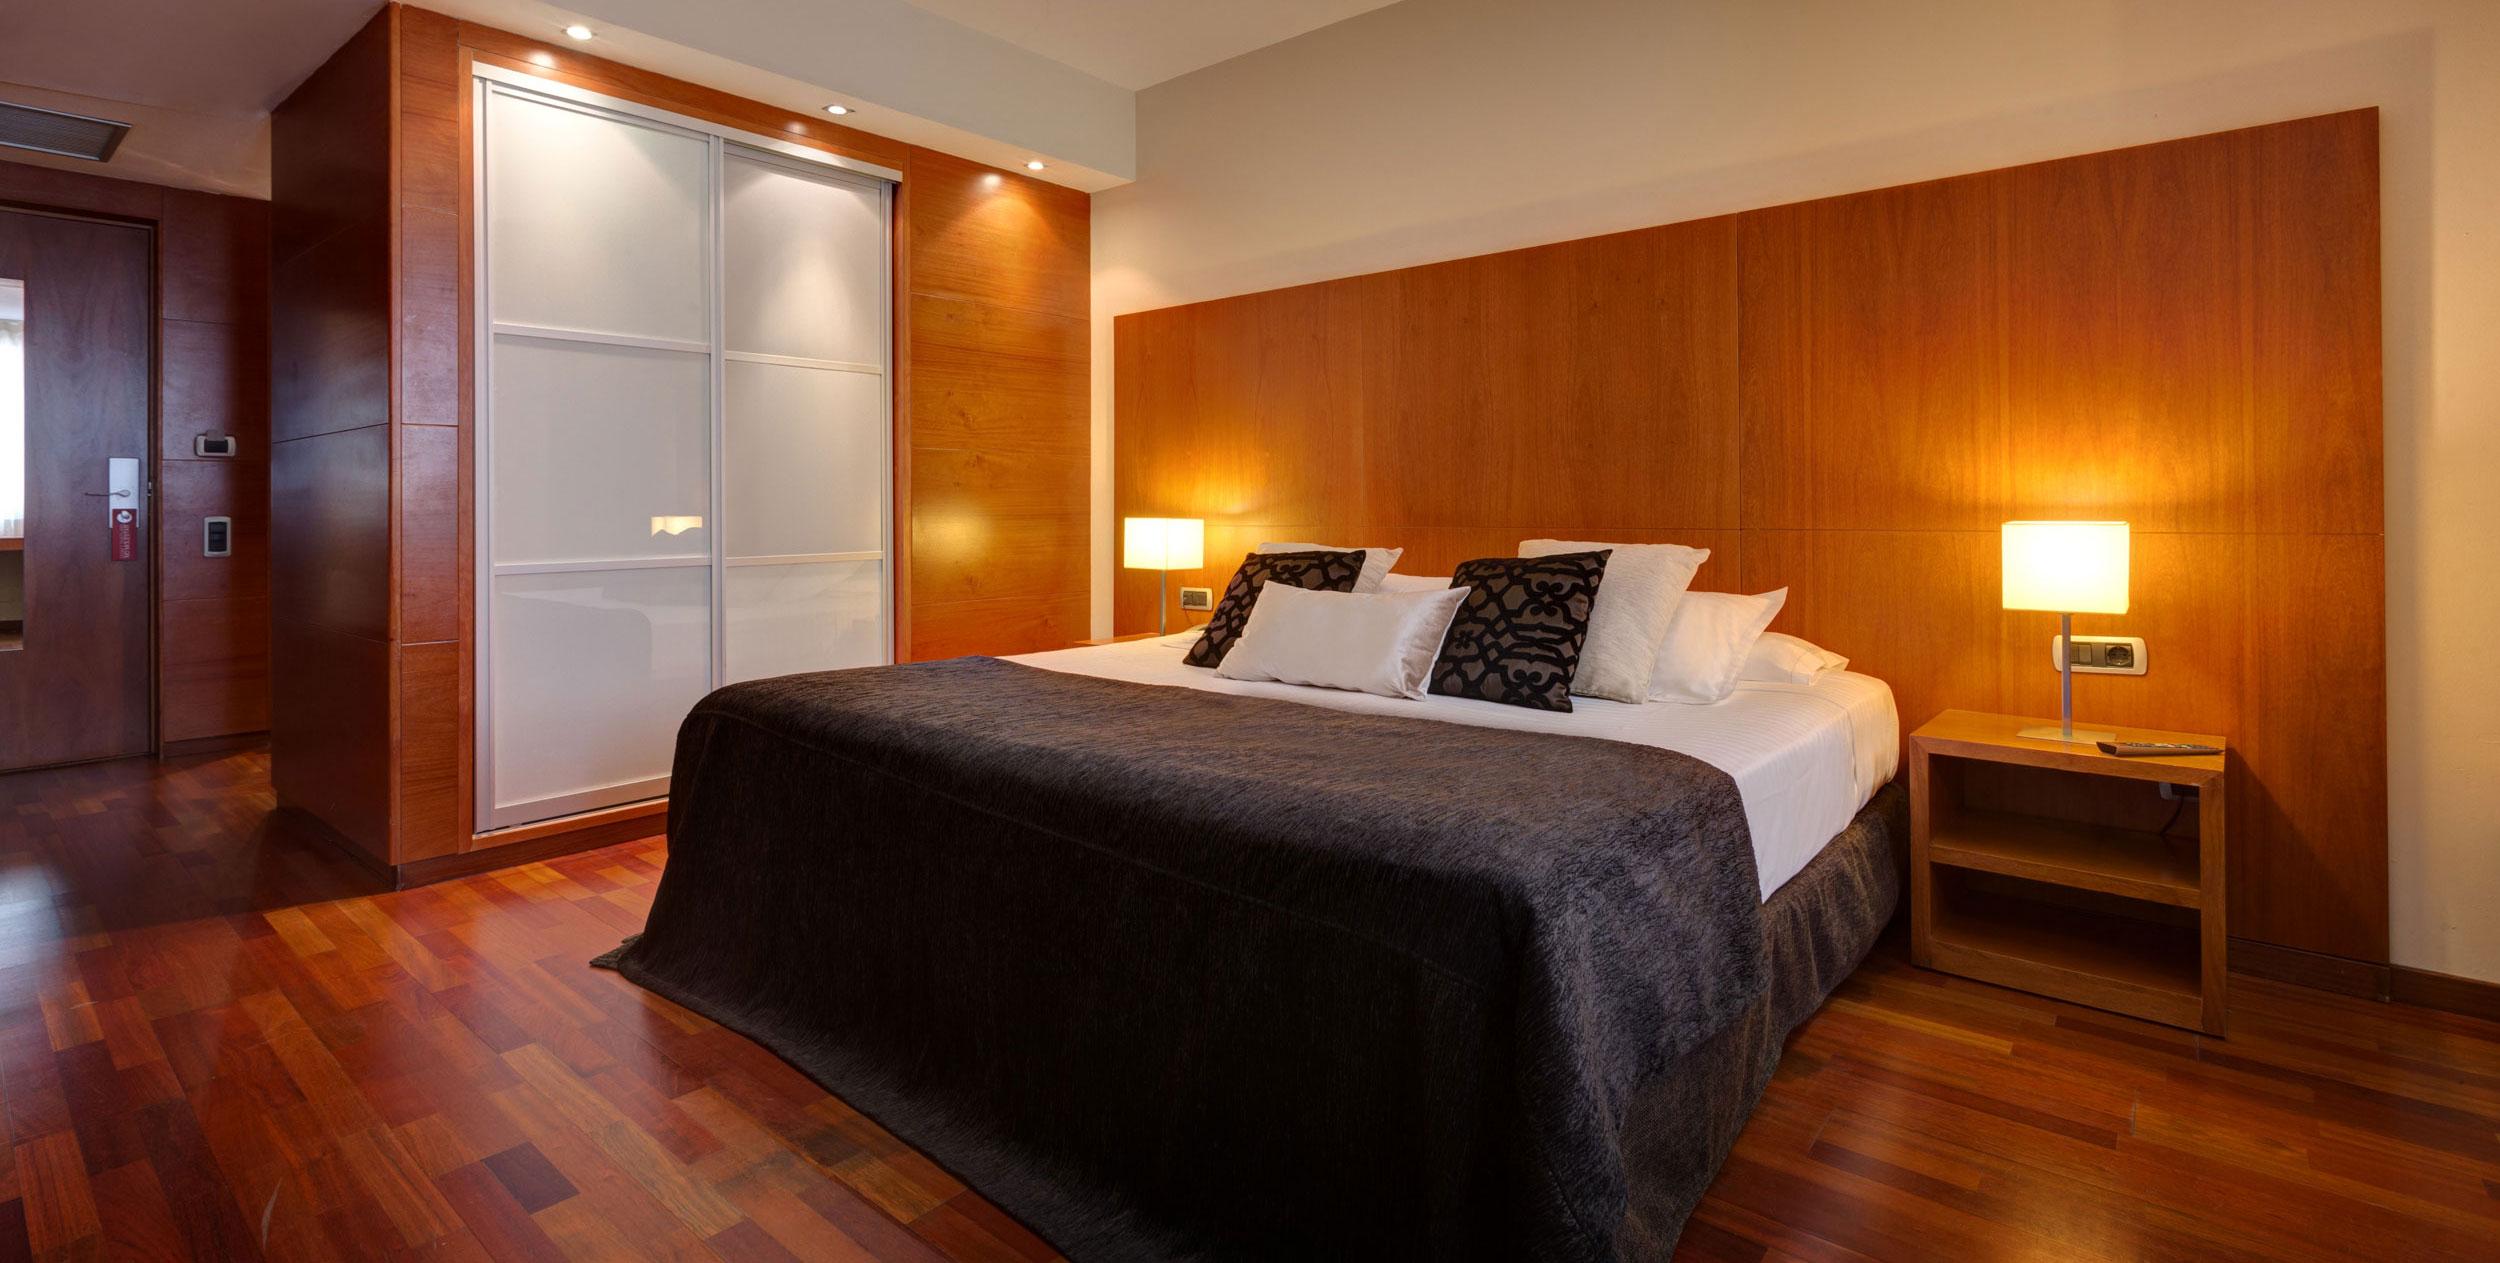 Desayuno gratis reservando en nuestra web hotel acevi for Hotel barcelona diseno